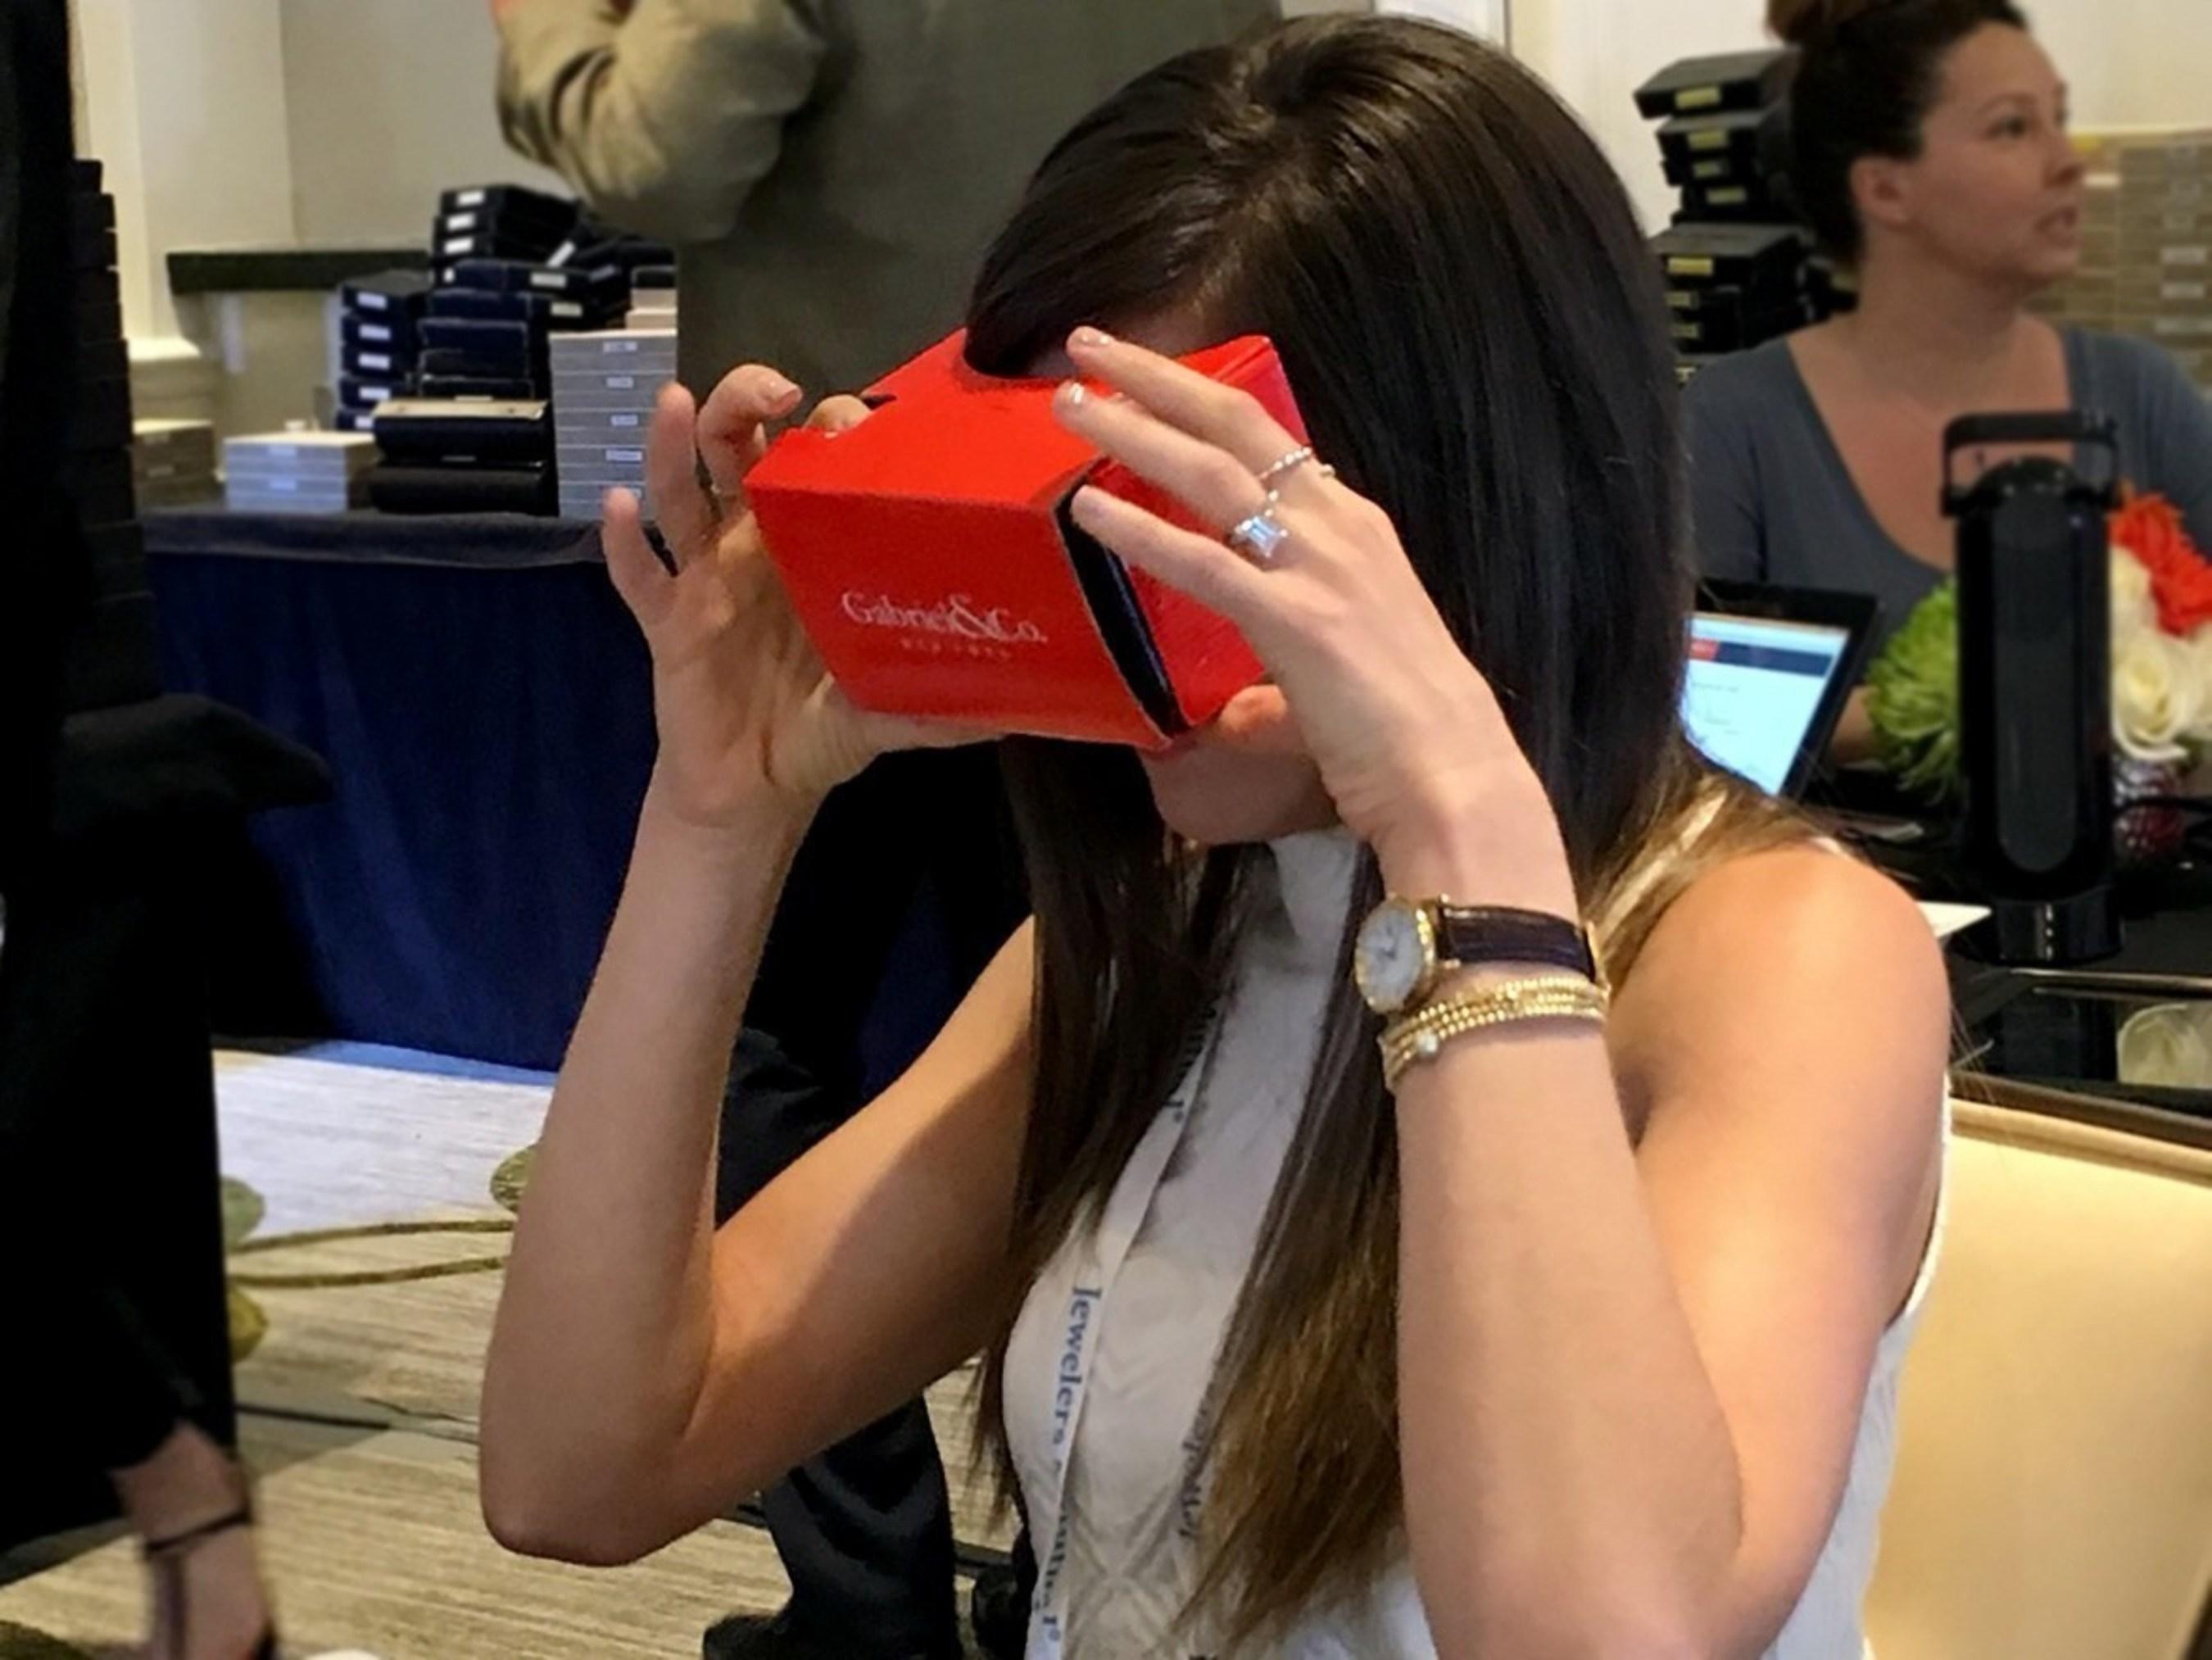 Gabriel & Co. Launches Gabriel Magic, a Virtual Reality Tool